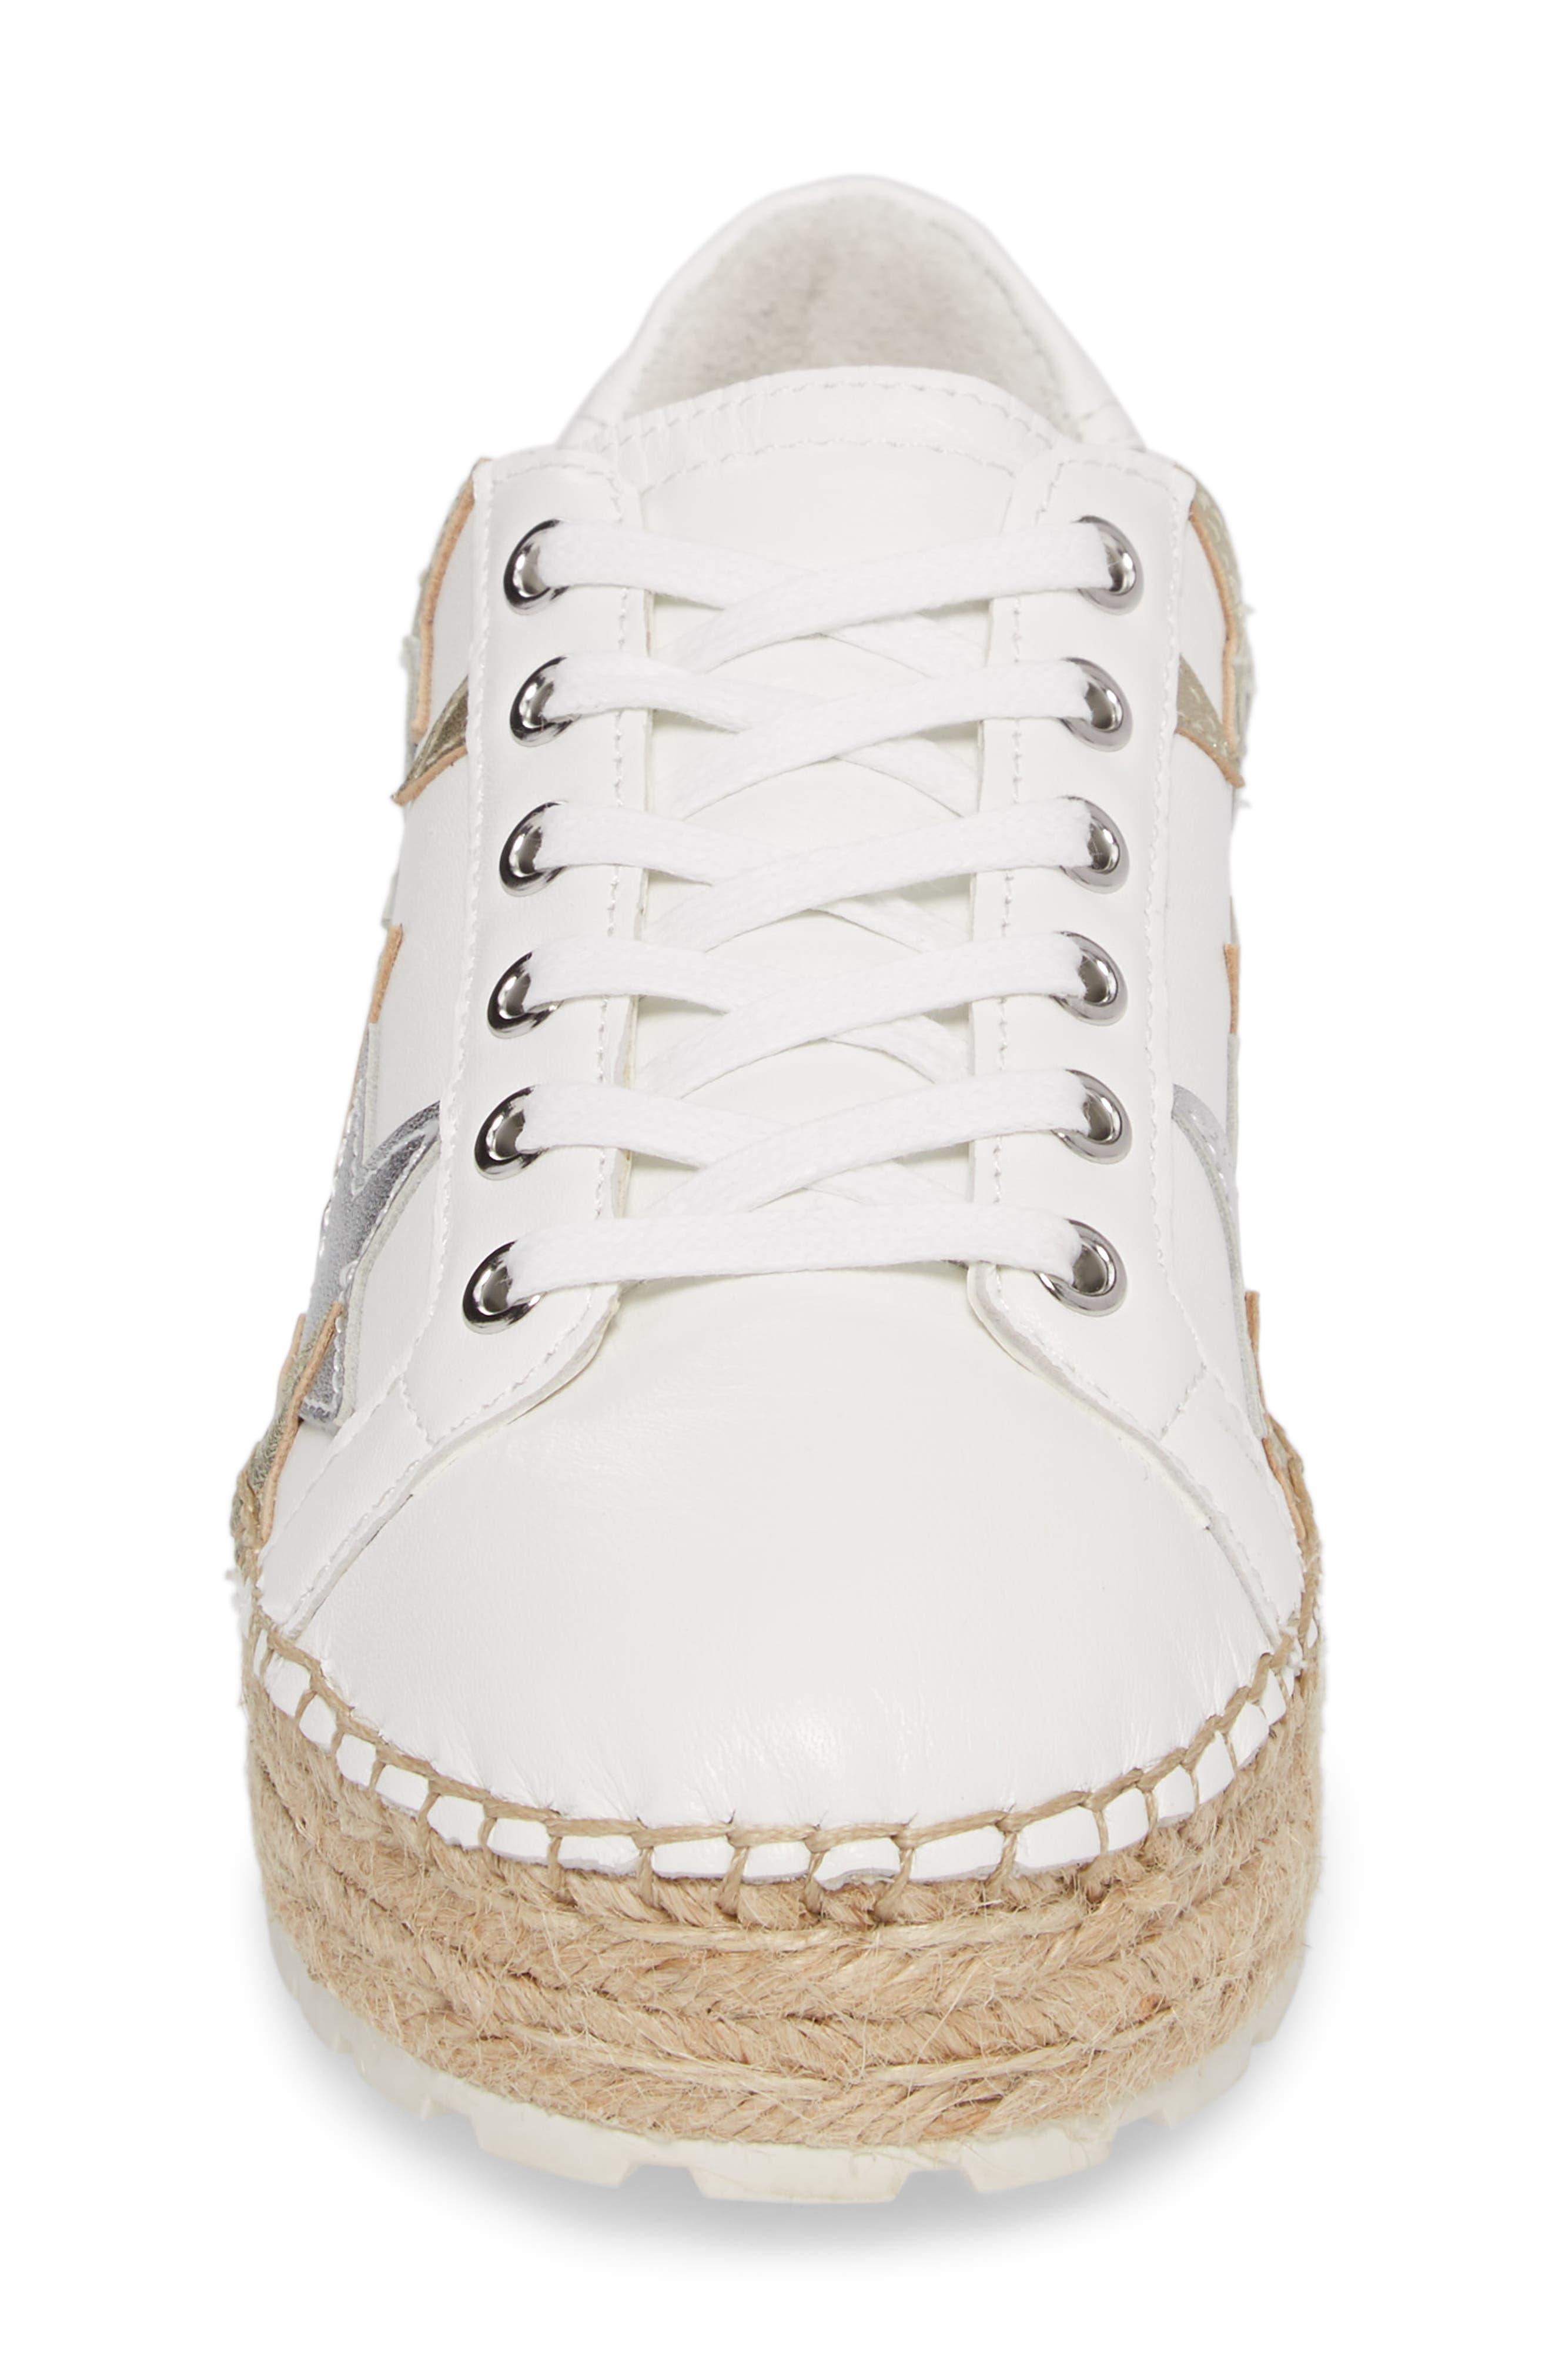 Maevel Espadrille Sneaker,                             Alternate thumbnail 11, color,